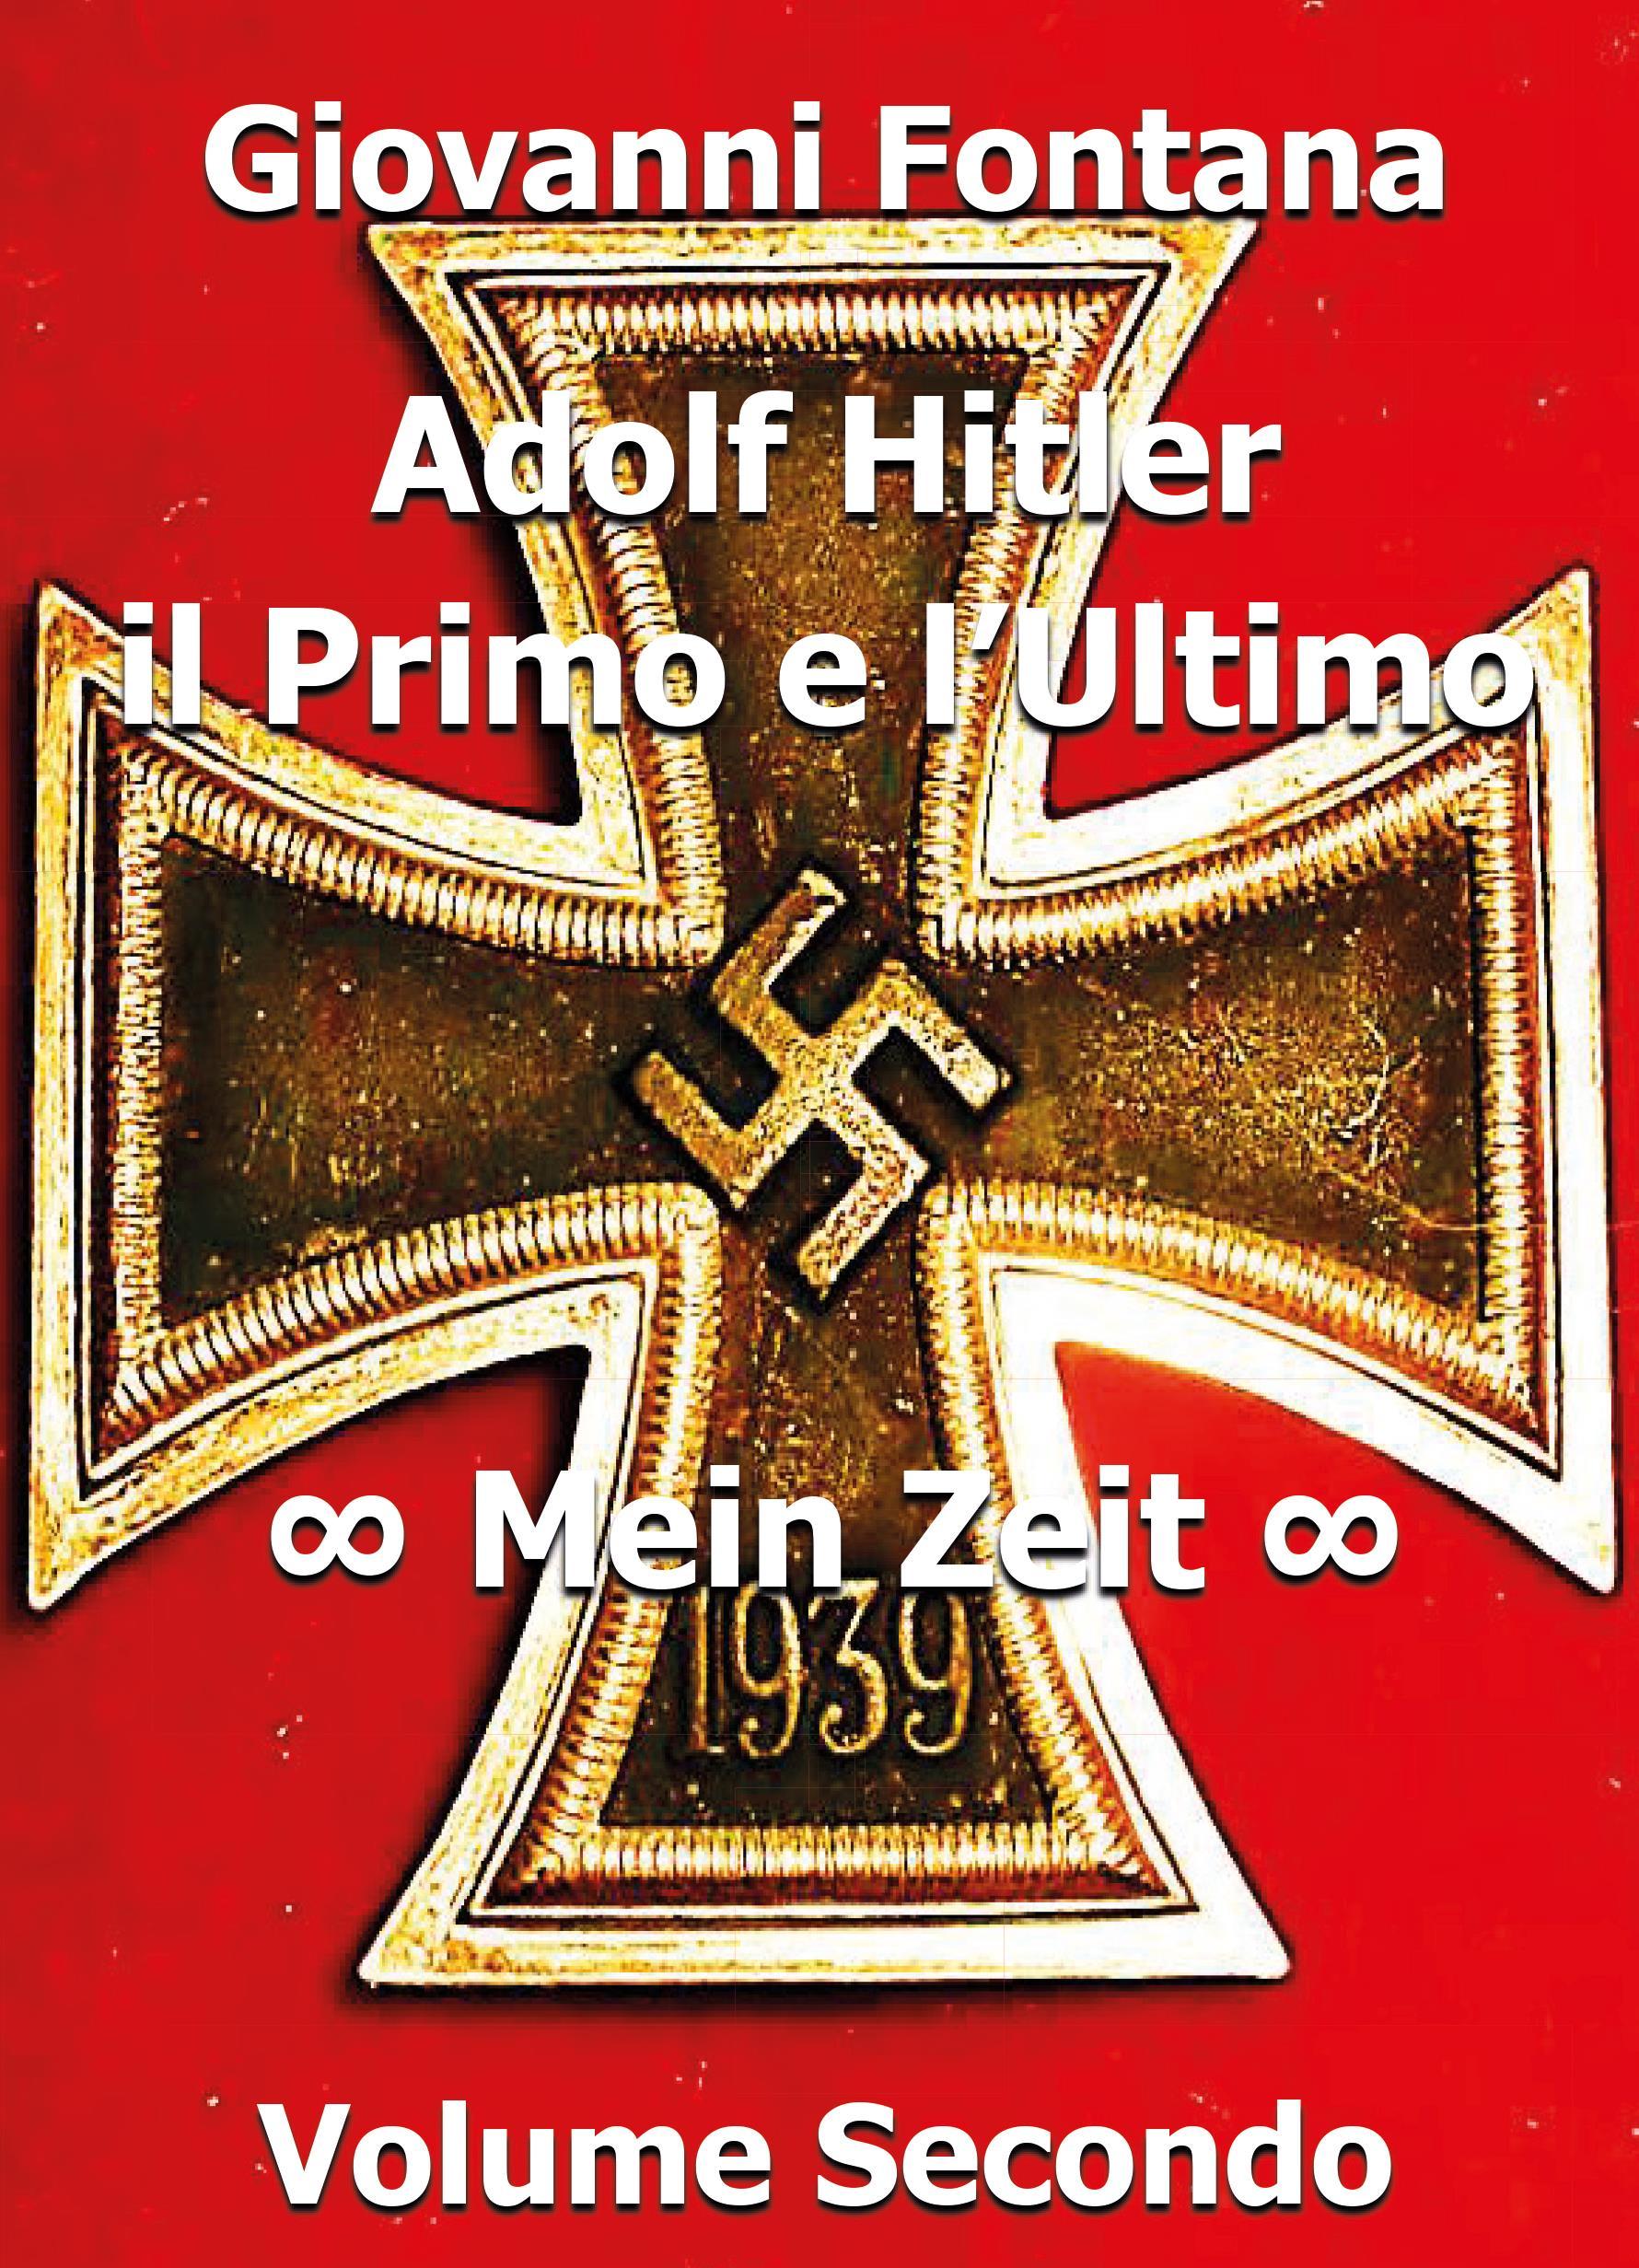 ADOLF HITLER IL PRIMO E L'ULTIMO MEIN ZEIT VOLUME SECONDO